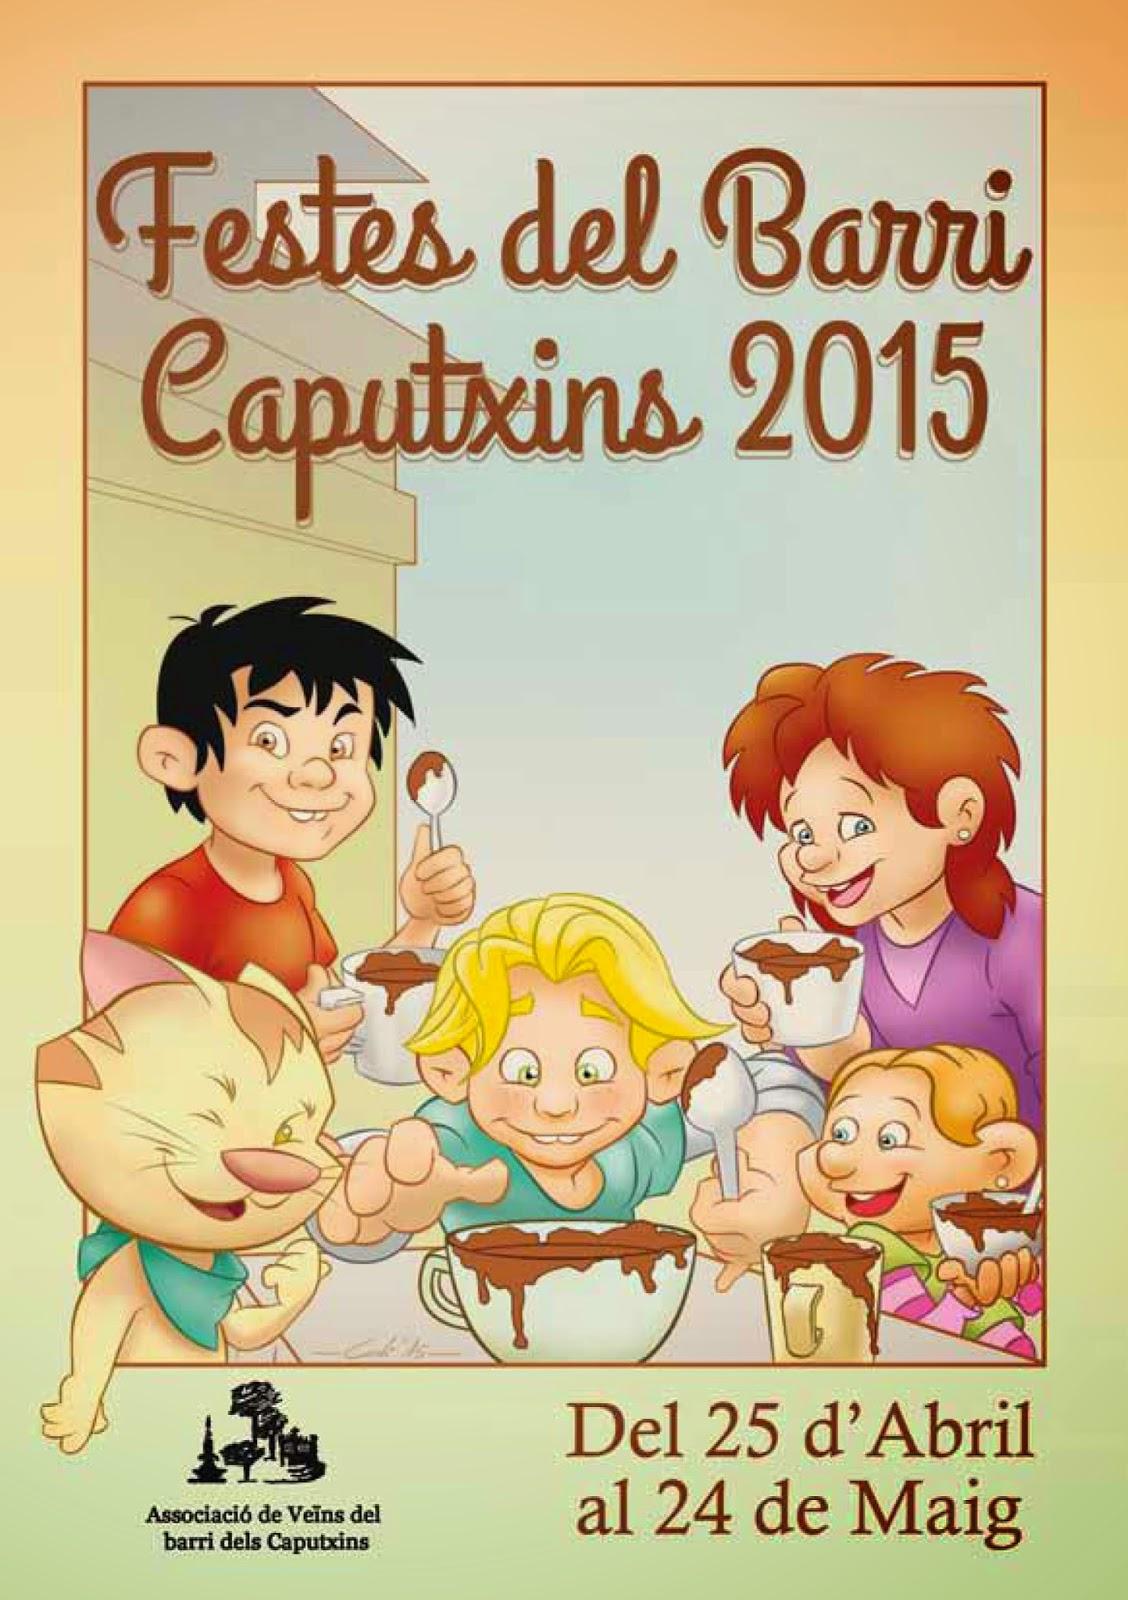 Festes del barri Caputxins 2015